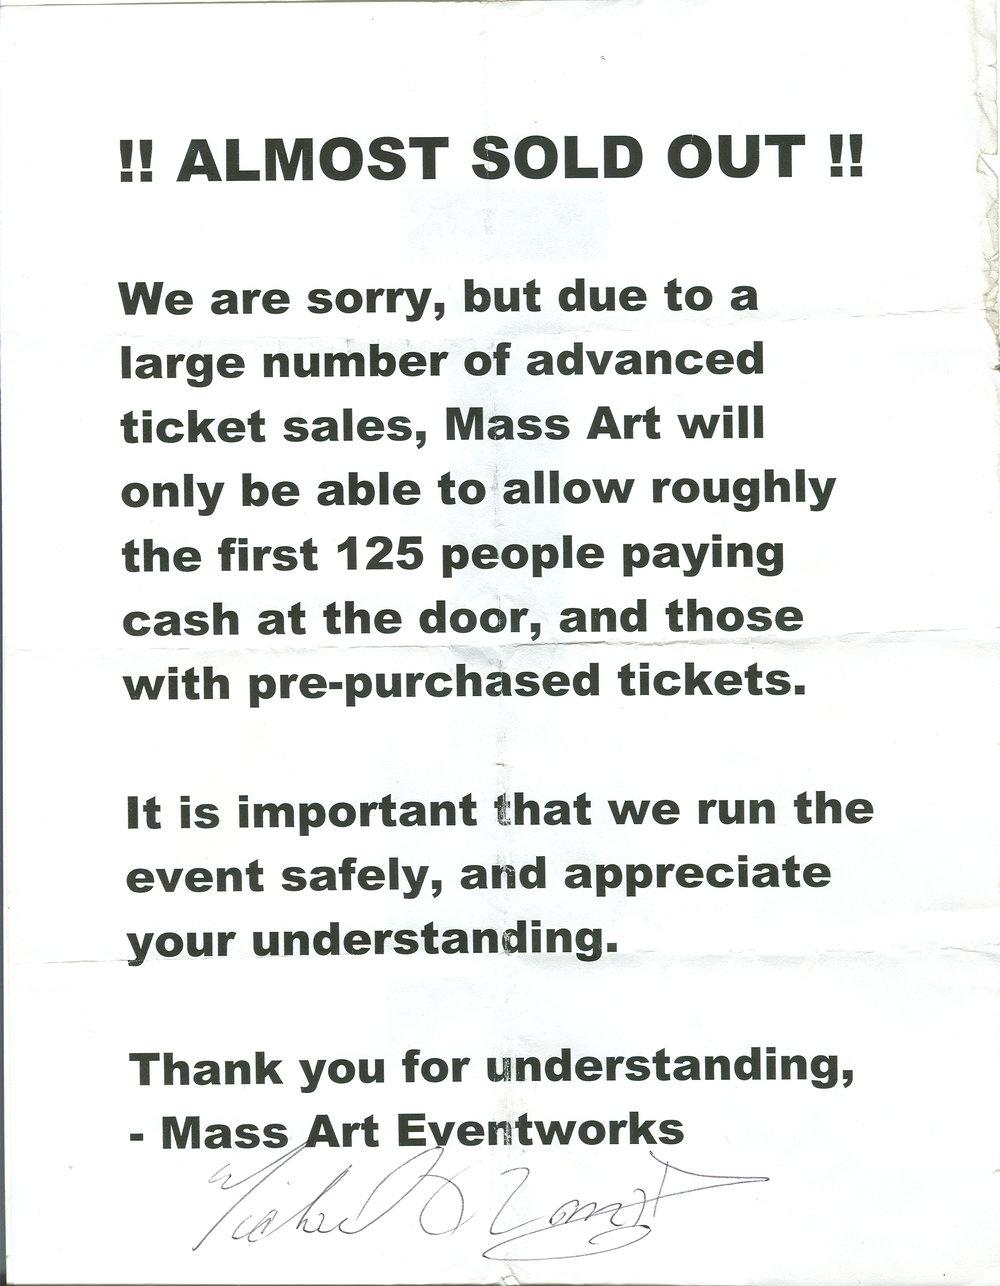 00.00.02-BOSTON-MASSART-DOOR_SIGN-01.jpg